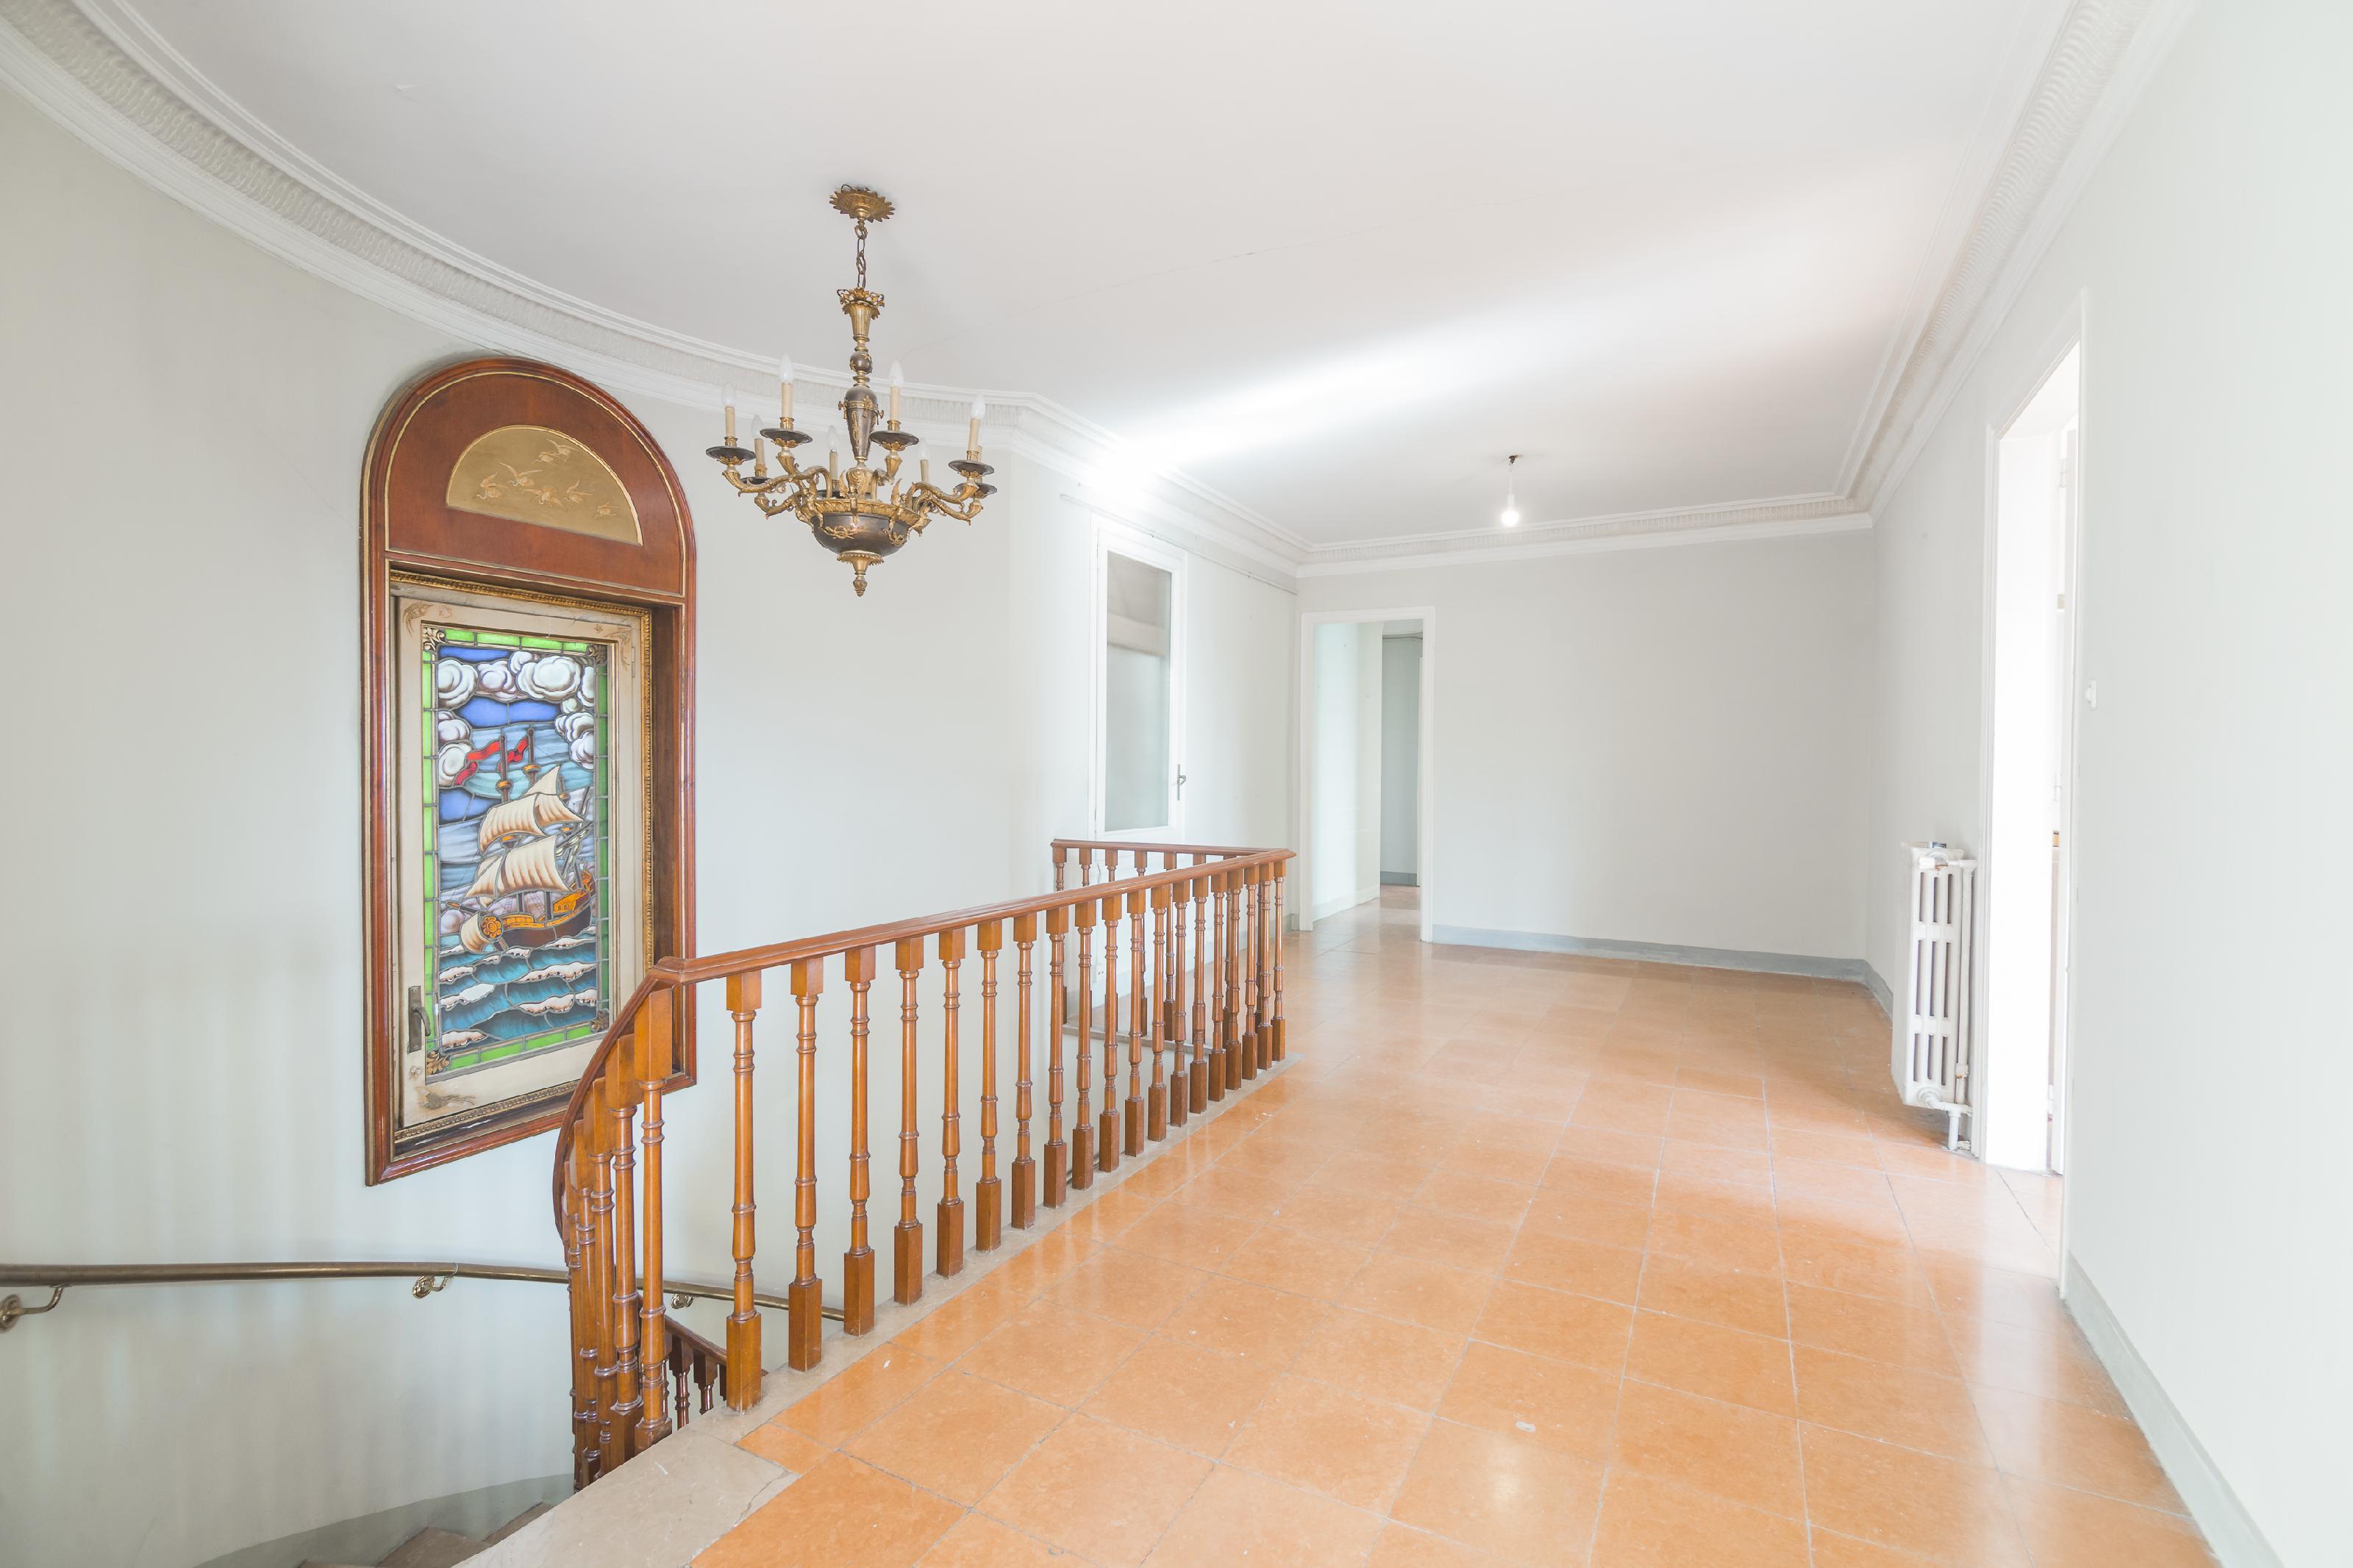 246643 Penthouse for sale in Sarrià-Sant Gervasi, St. Gervasi-Bonanova 8